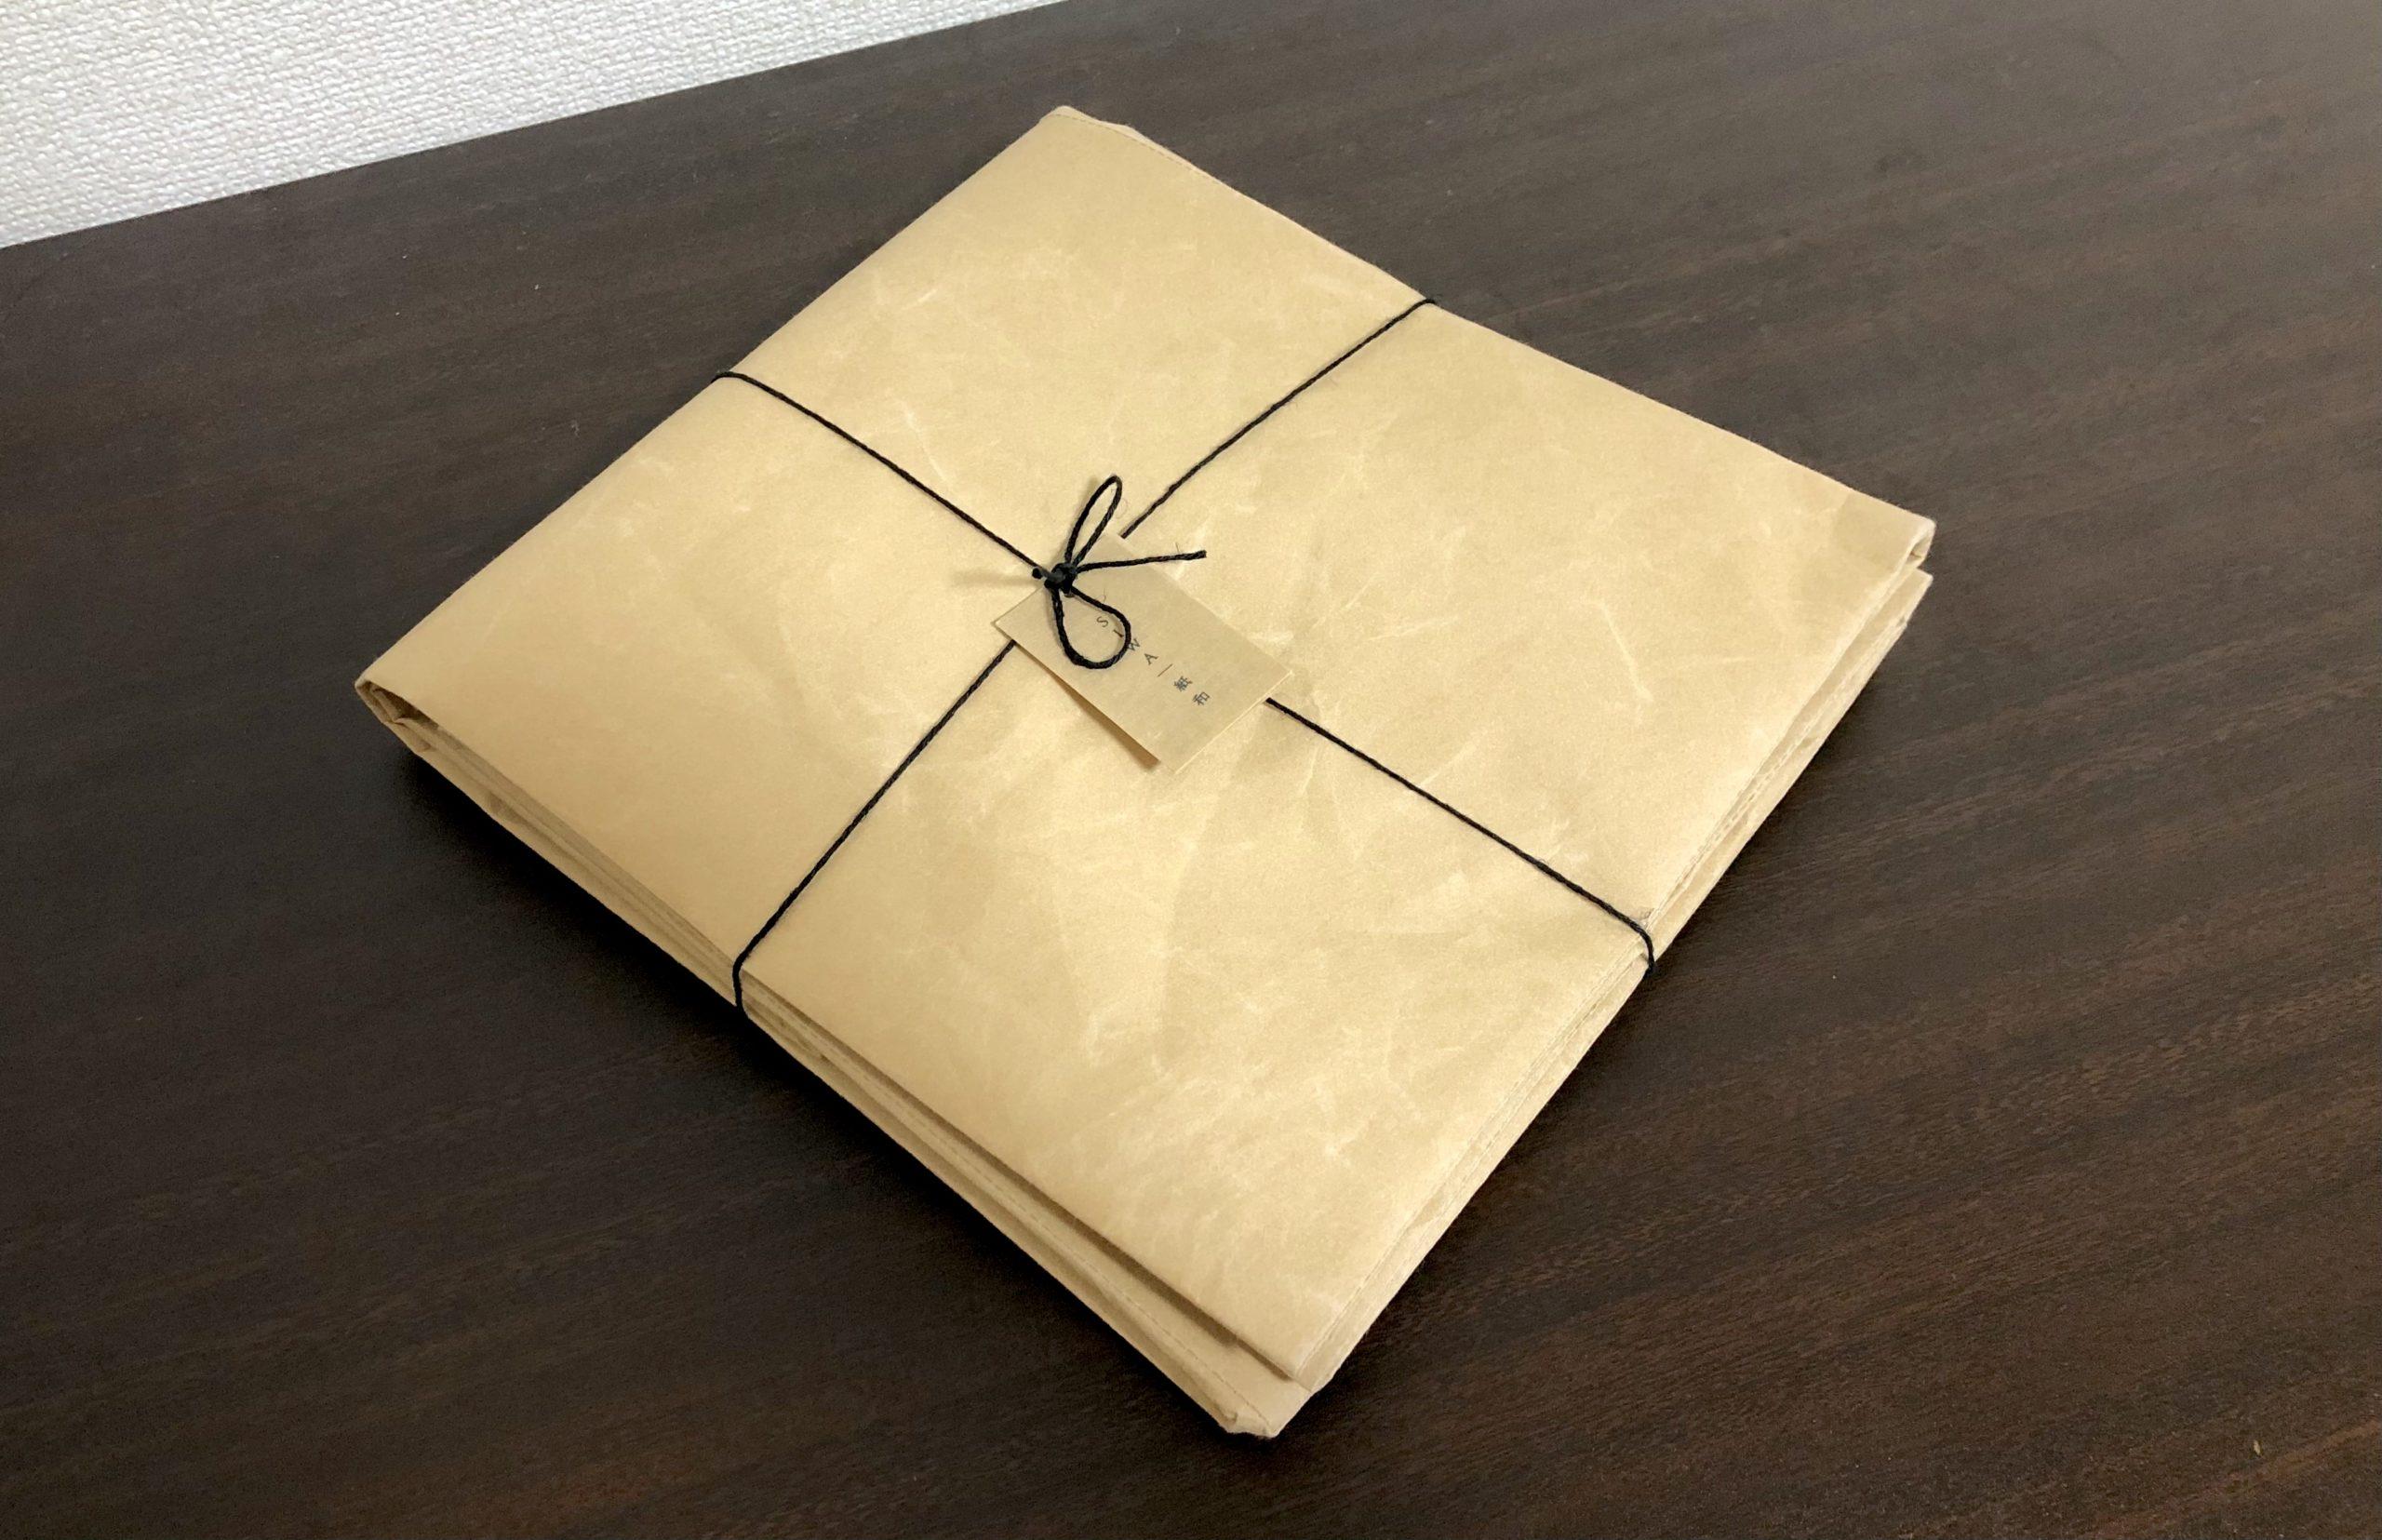 【レビュー】SIWA(紙和)のボックス・Mサイズはデザイン性・汎用性が魅力